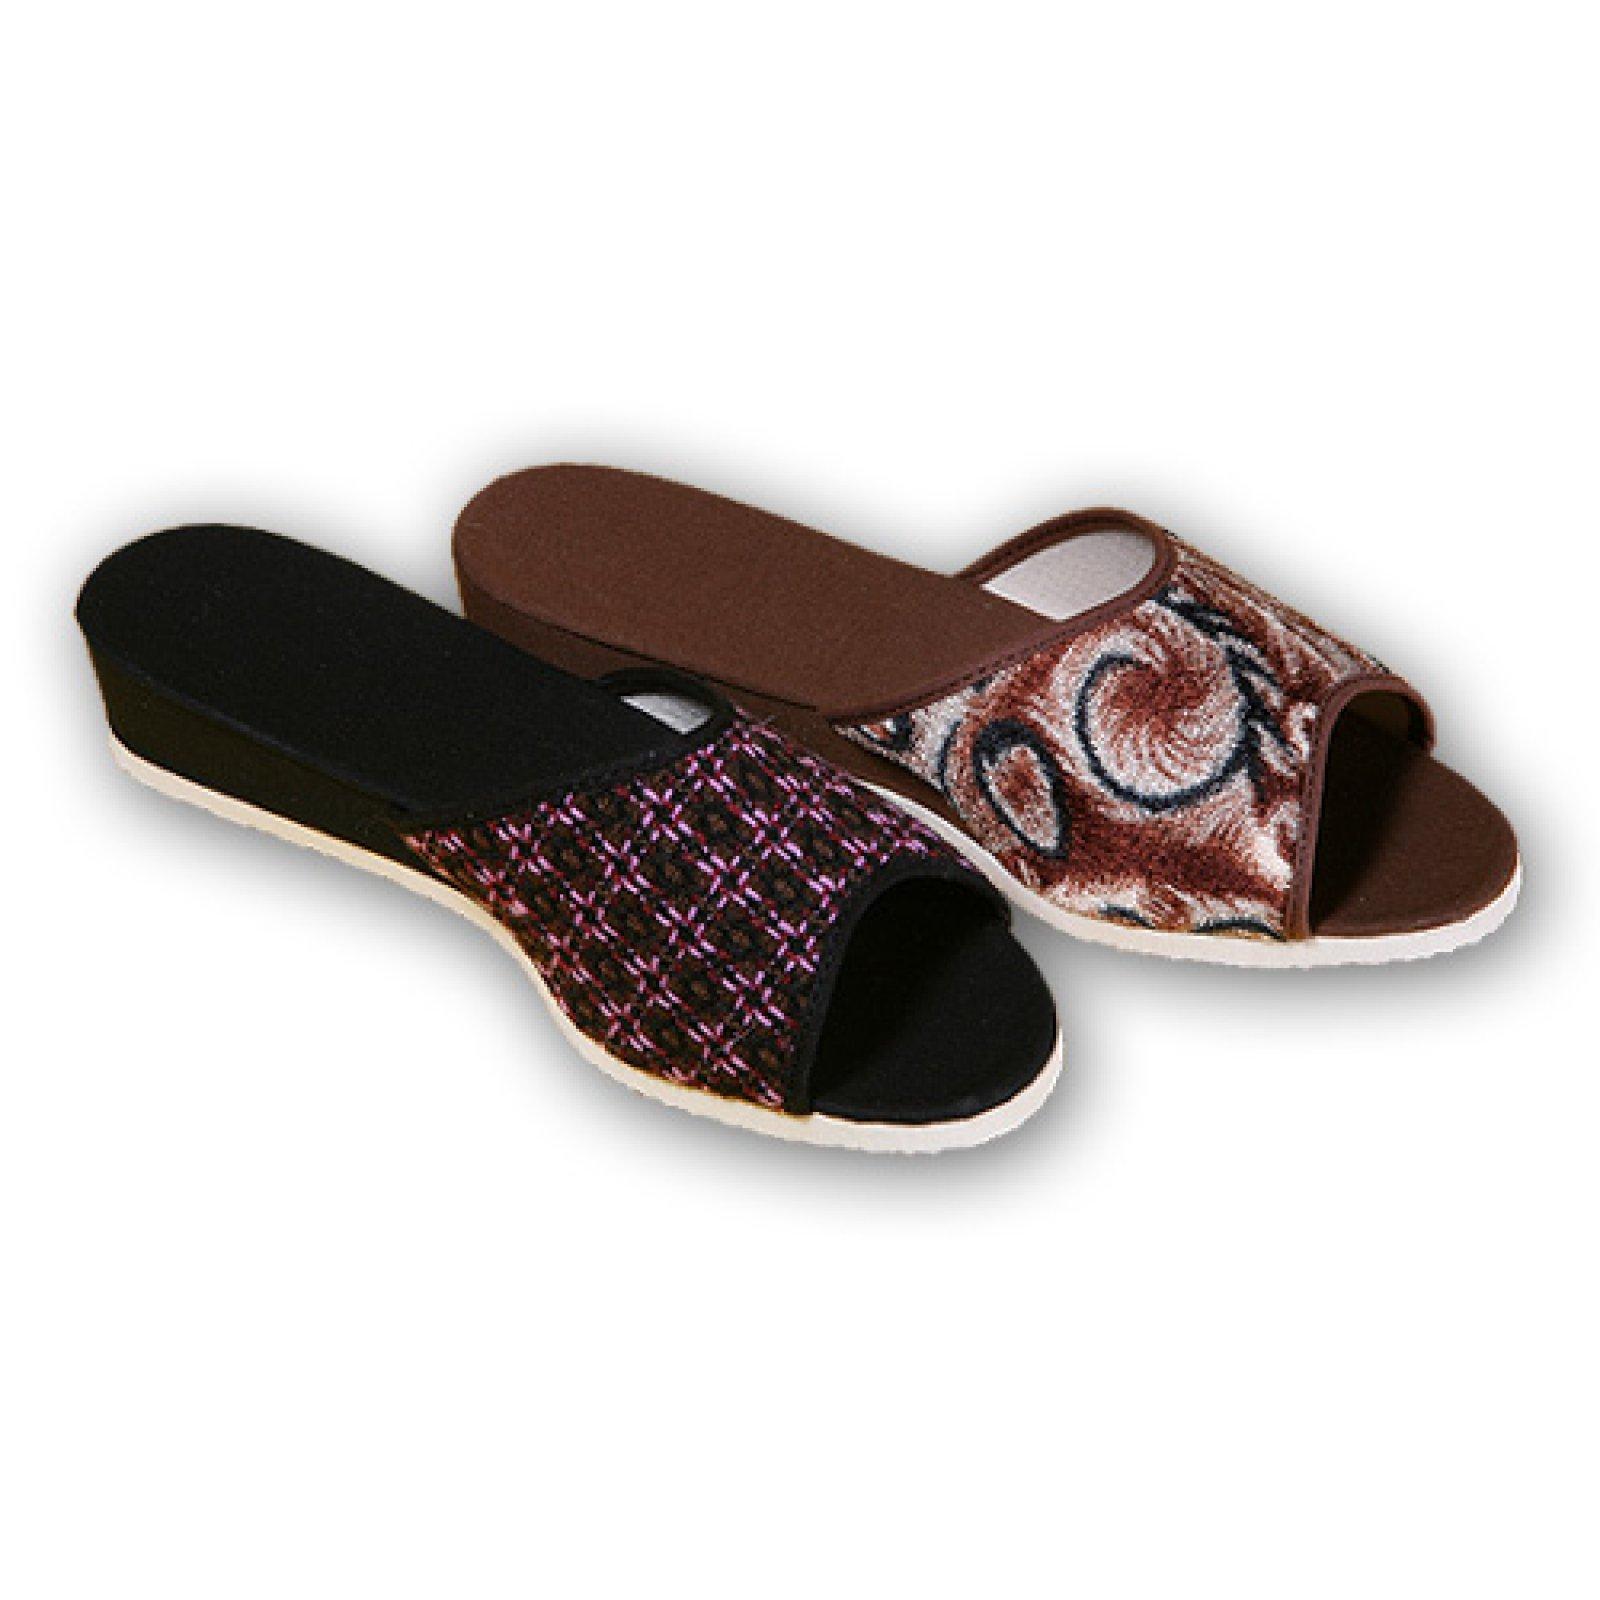 Dámské domácí pantofle - vz. 010 - KARS 9601e6ce21